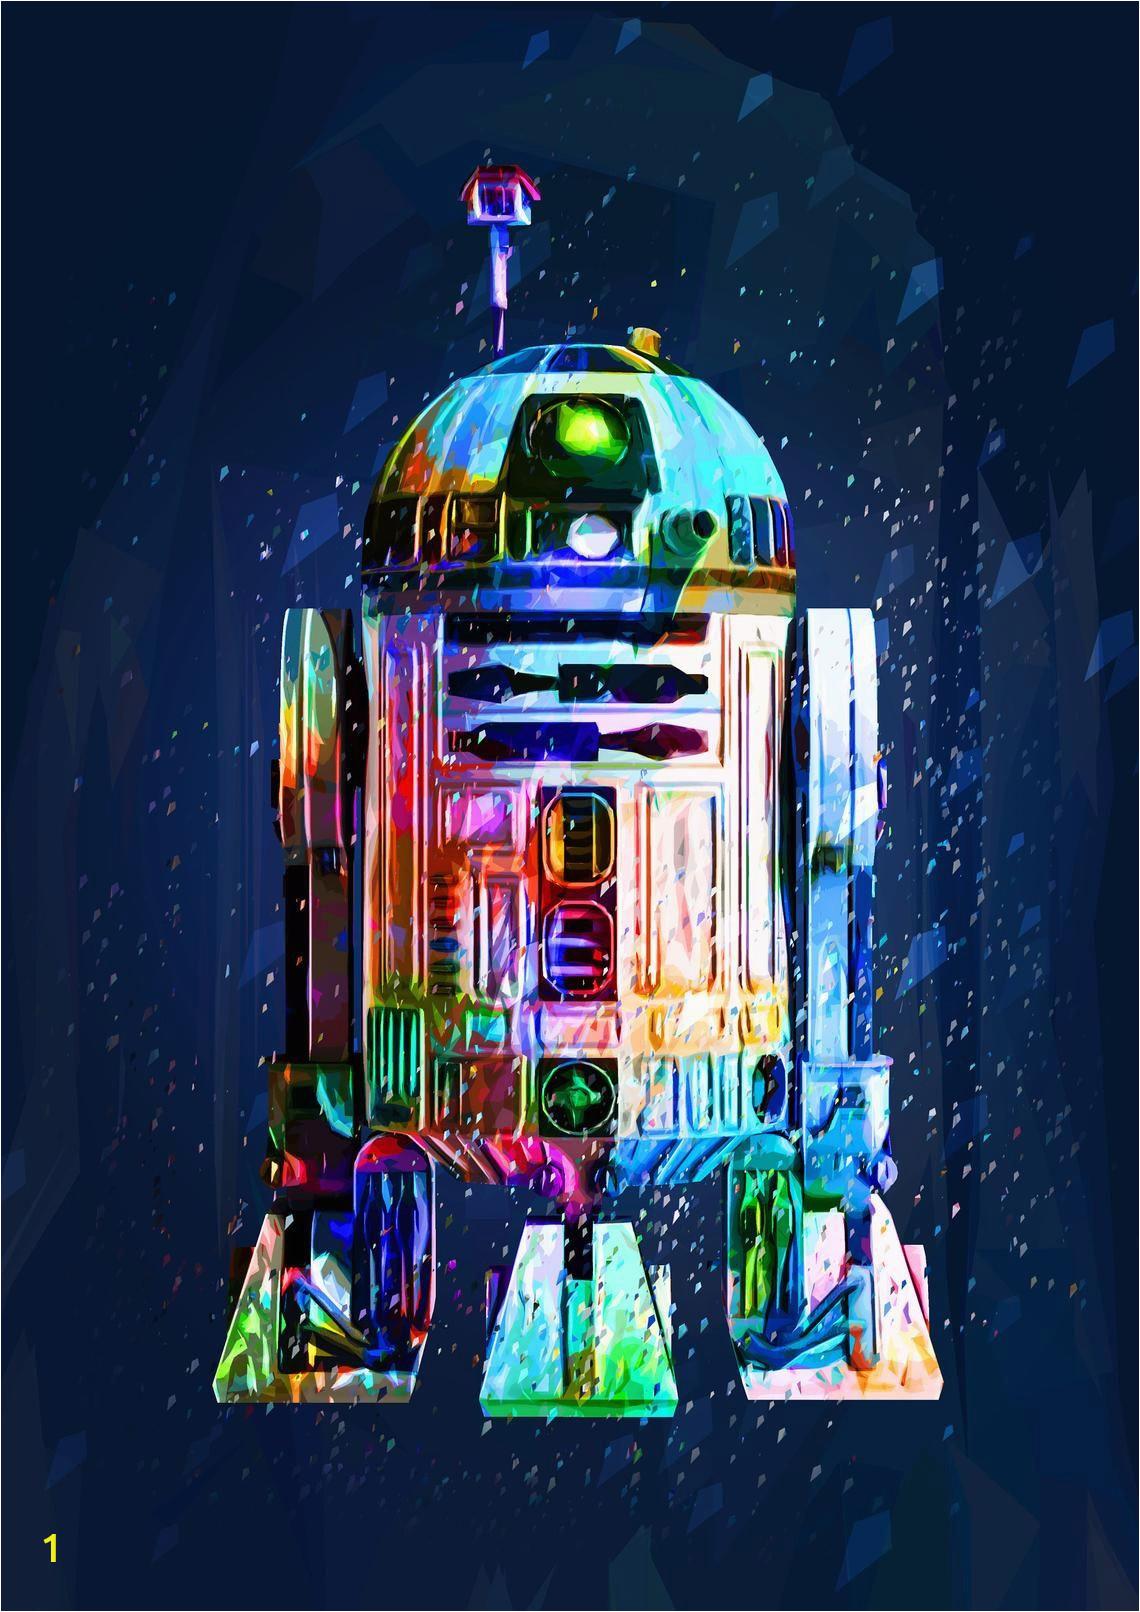 Star Wars Full Wall Murals Star Wars Star Wars Poster Star Wars Wall Art Star Wars